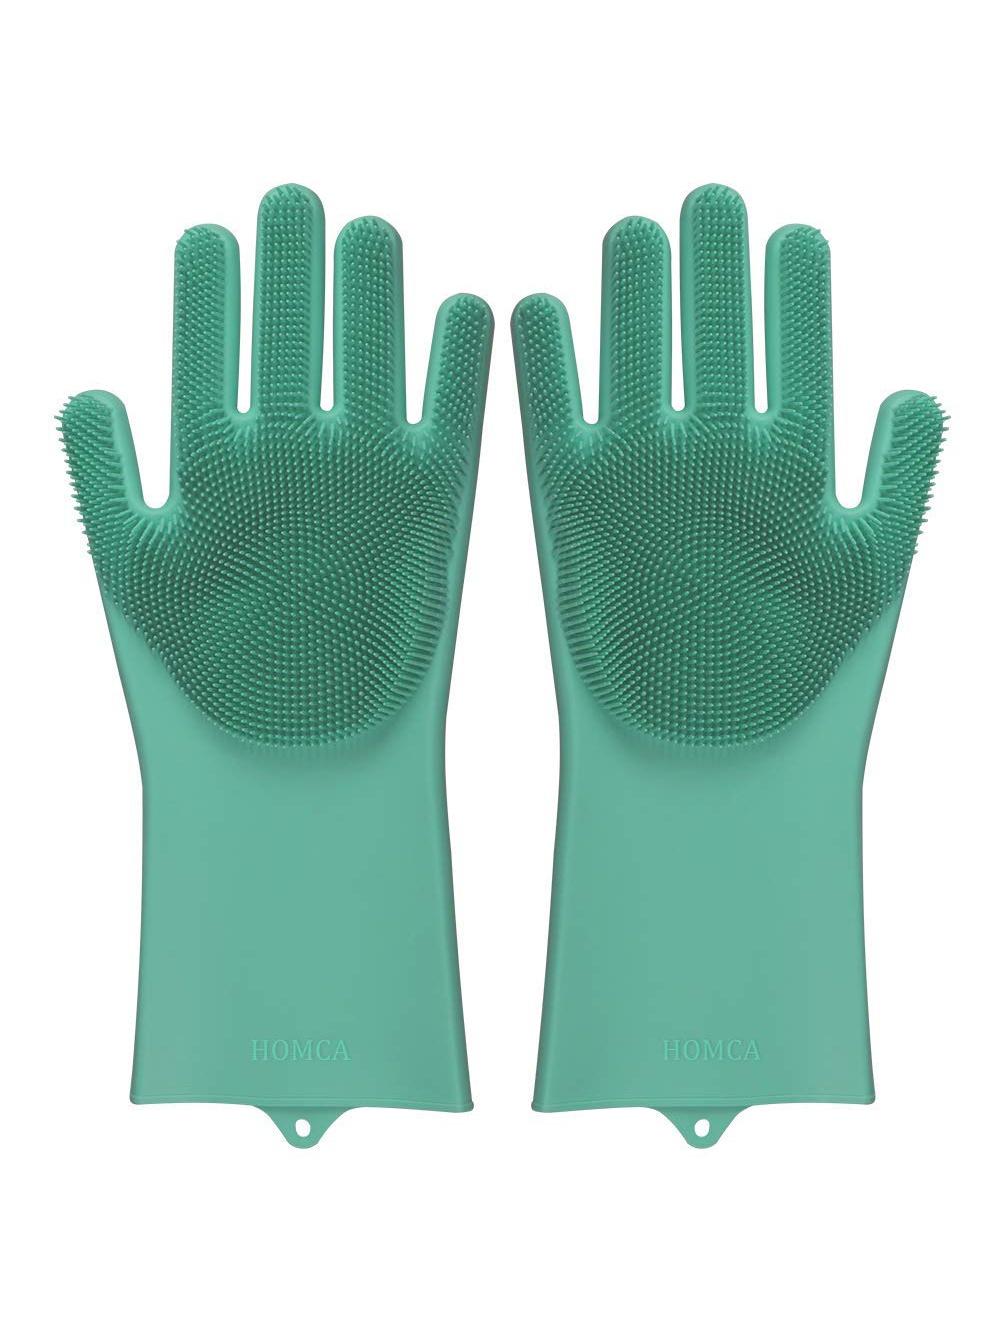 Перчатки хозяйственные Blonder Home силиконовые термостойкие для мытья посуды, зеленый щетки для кухни